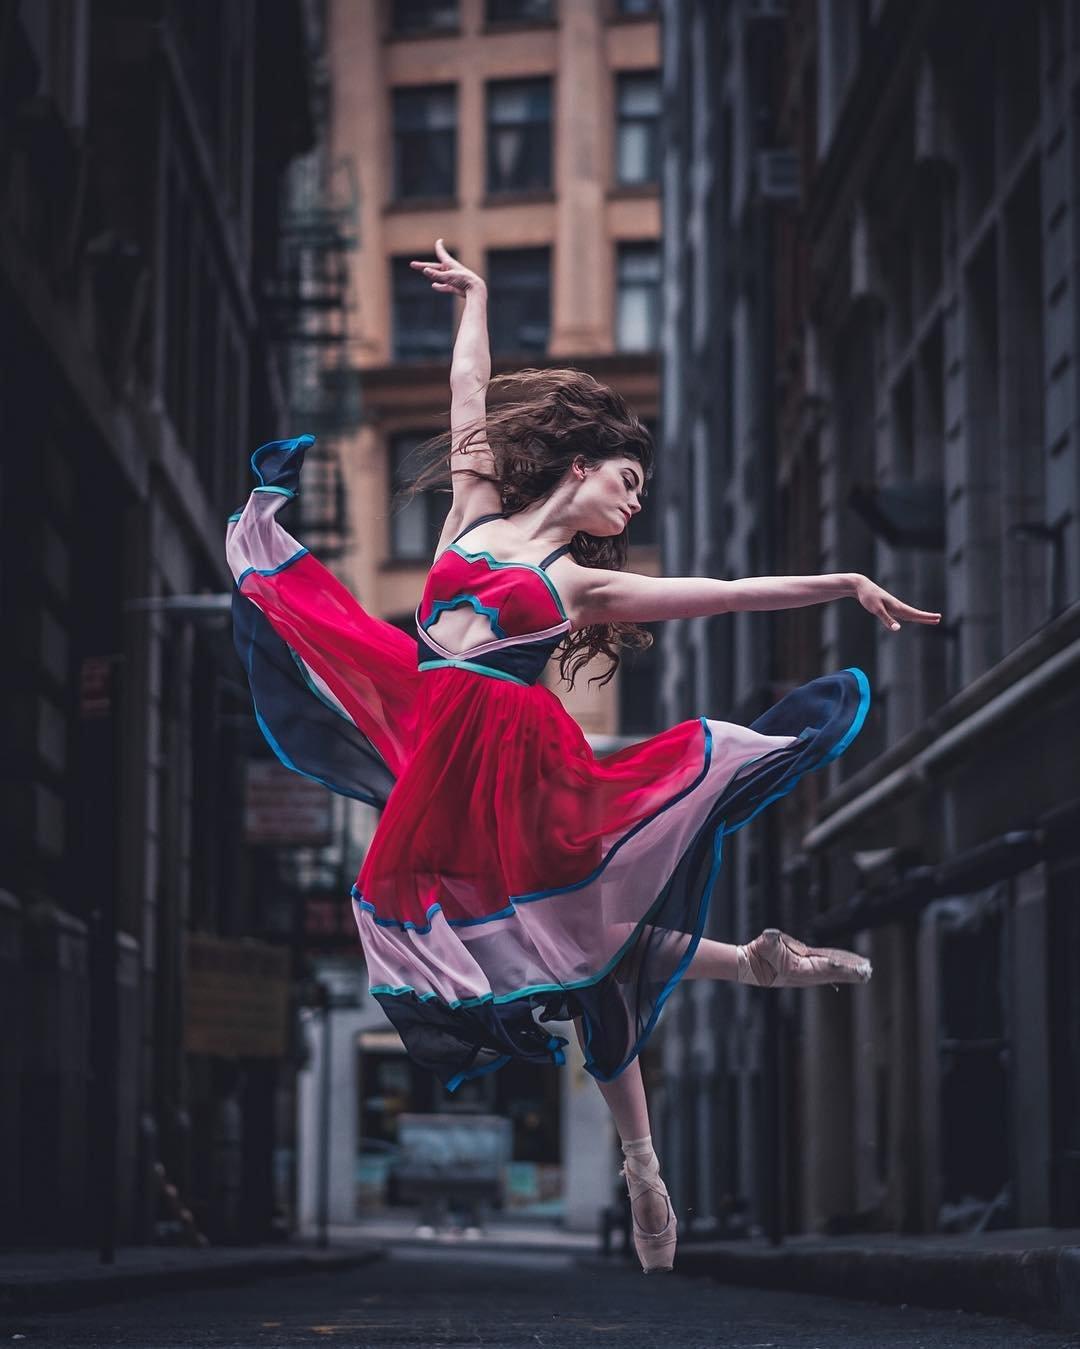 Открытки, смешная картинка танцующих людей